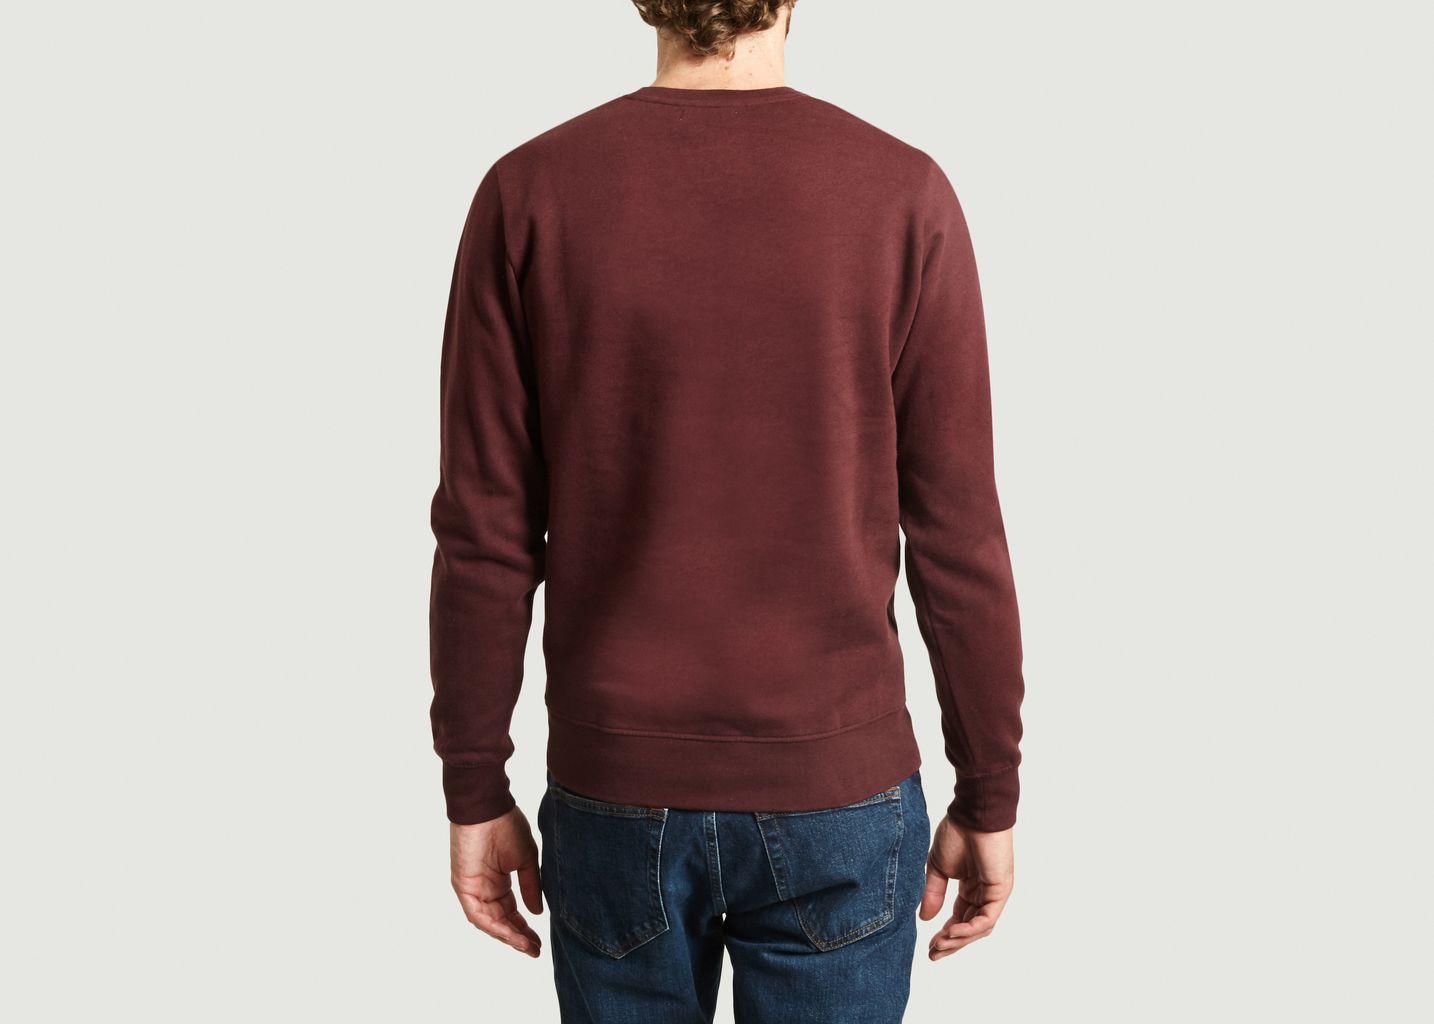 Sweatshirt Envol - Olow